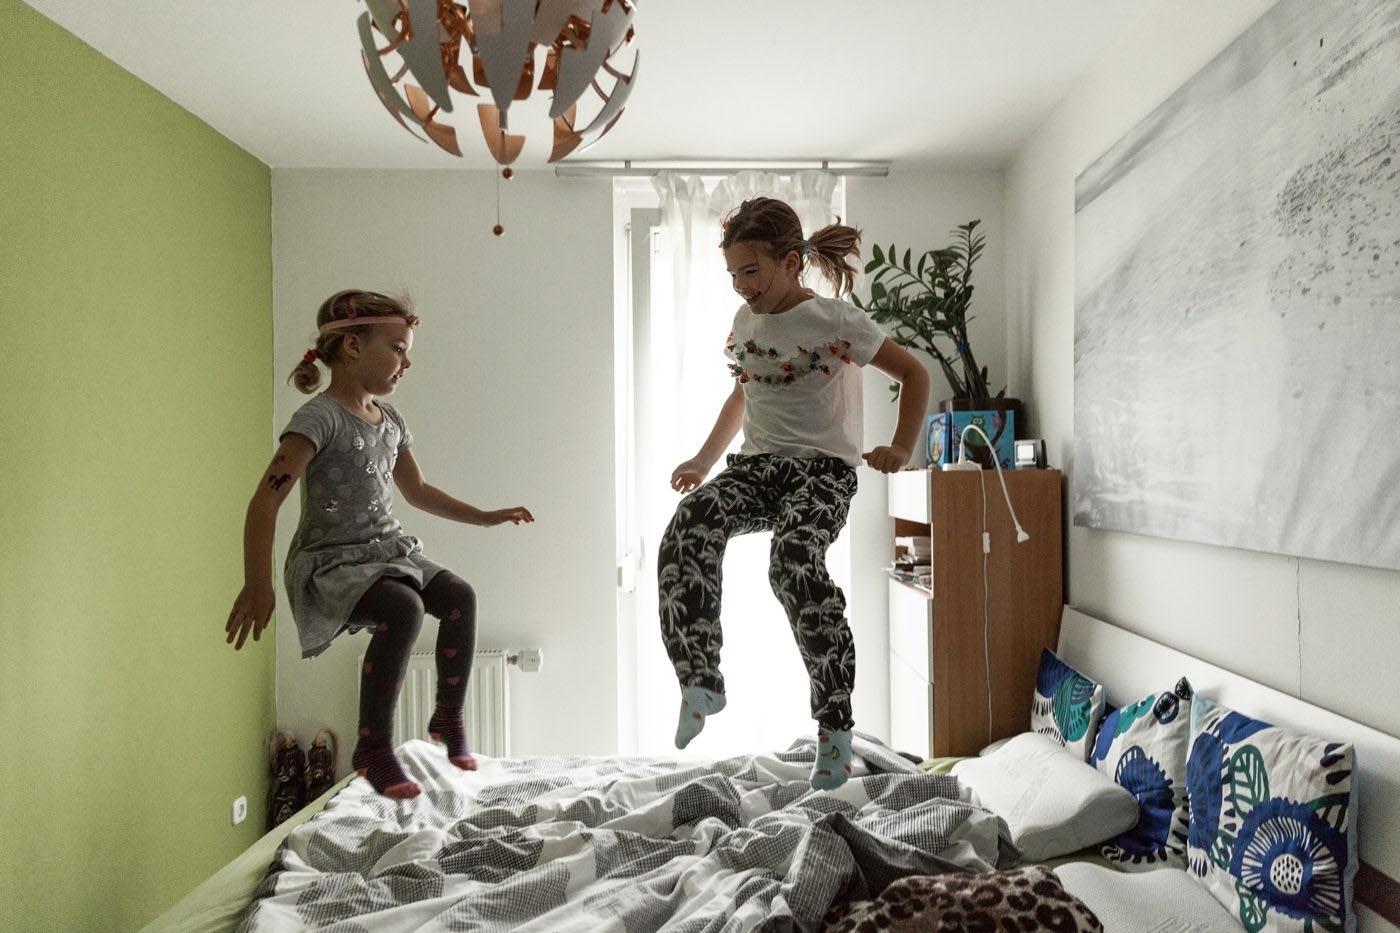 történetmeséló dokumentarista családfotózás gyerekfotózás család gyerek fotózás fotós boncsér orsolya szuzi és a naplopók storytelling familydocumentary